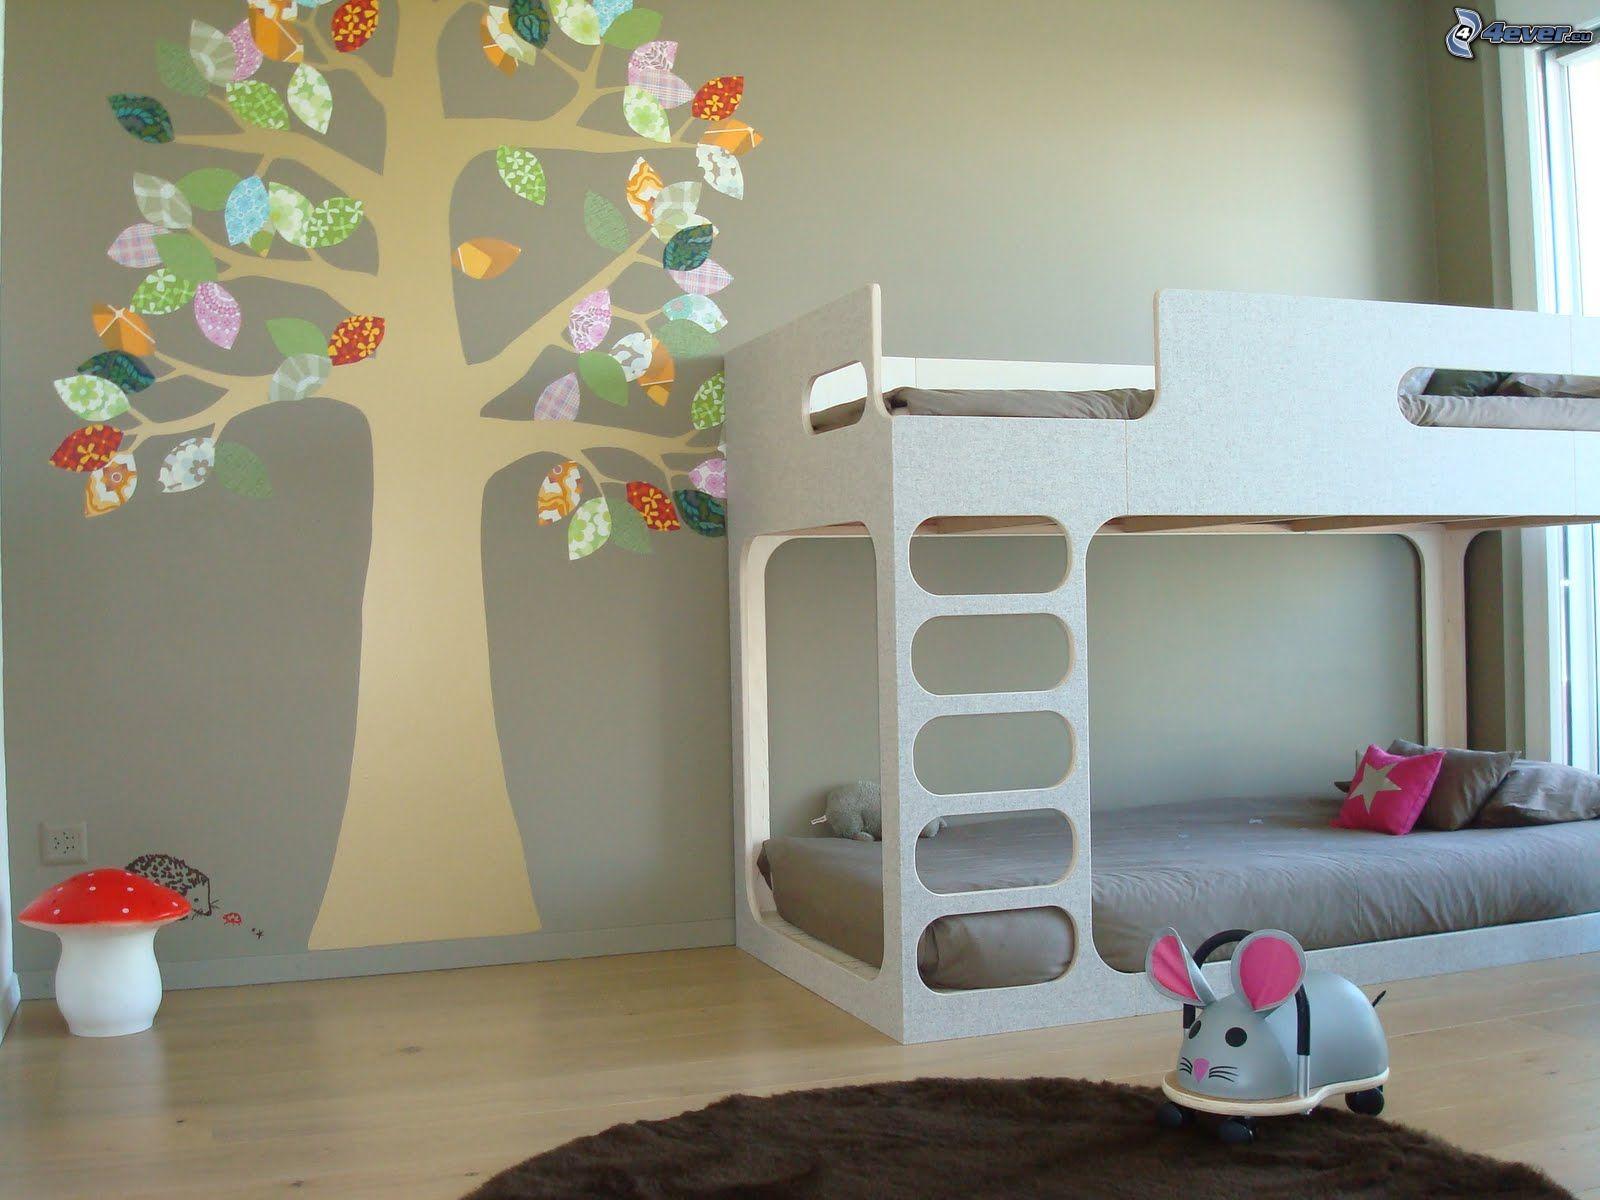 Bilder für kinderzimmer selber malen  Wandbilder Selber Malen Kinderzimmer ~ Speyeder.net = Verschiedene ...